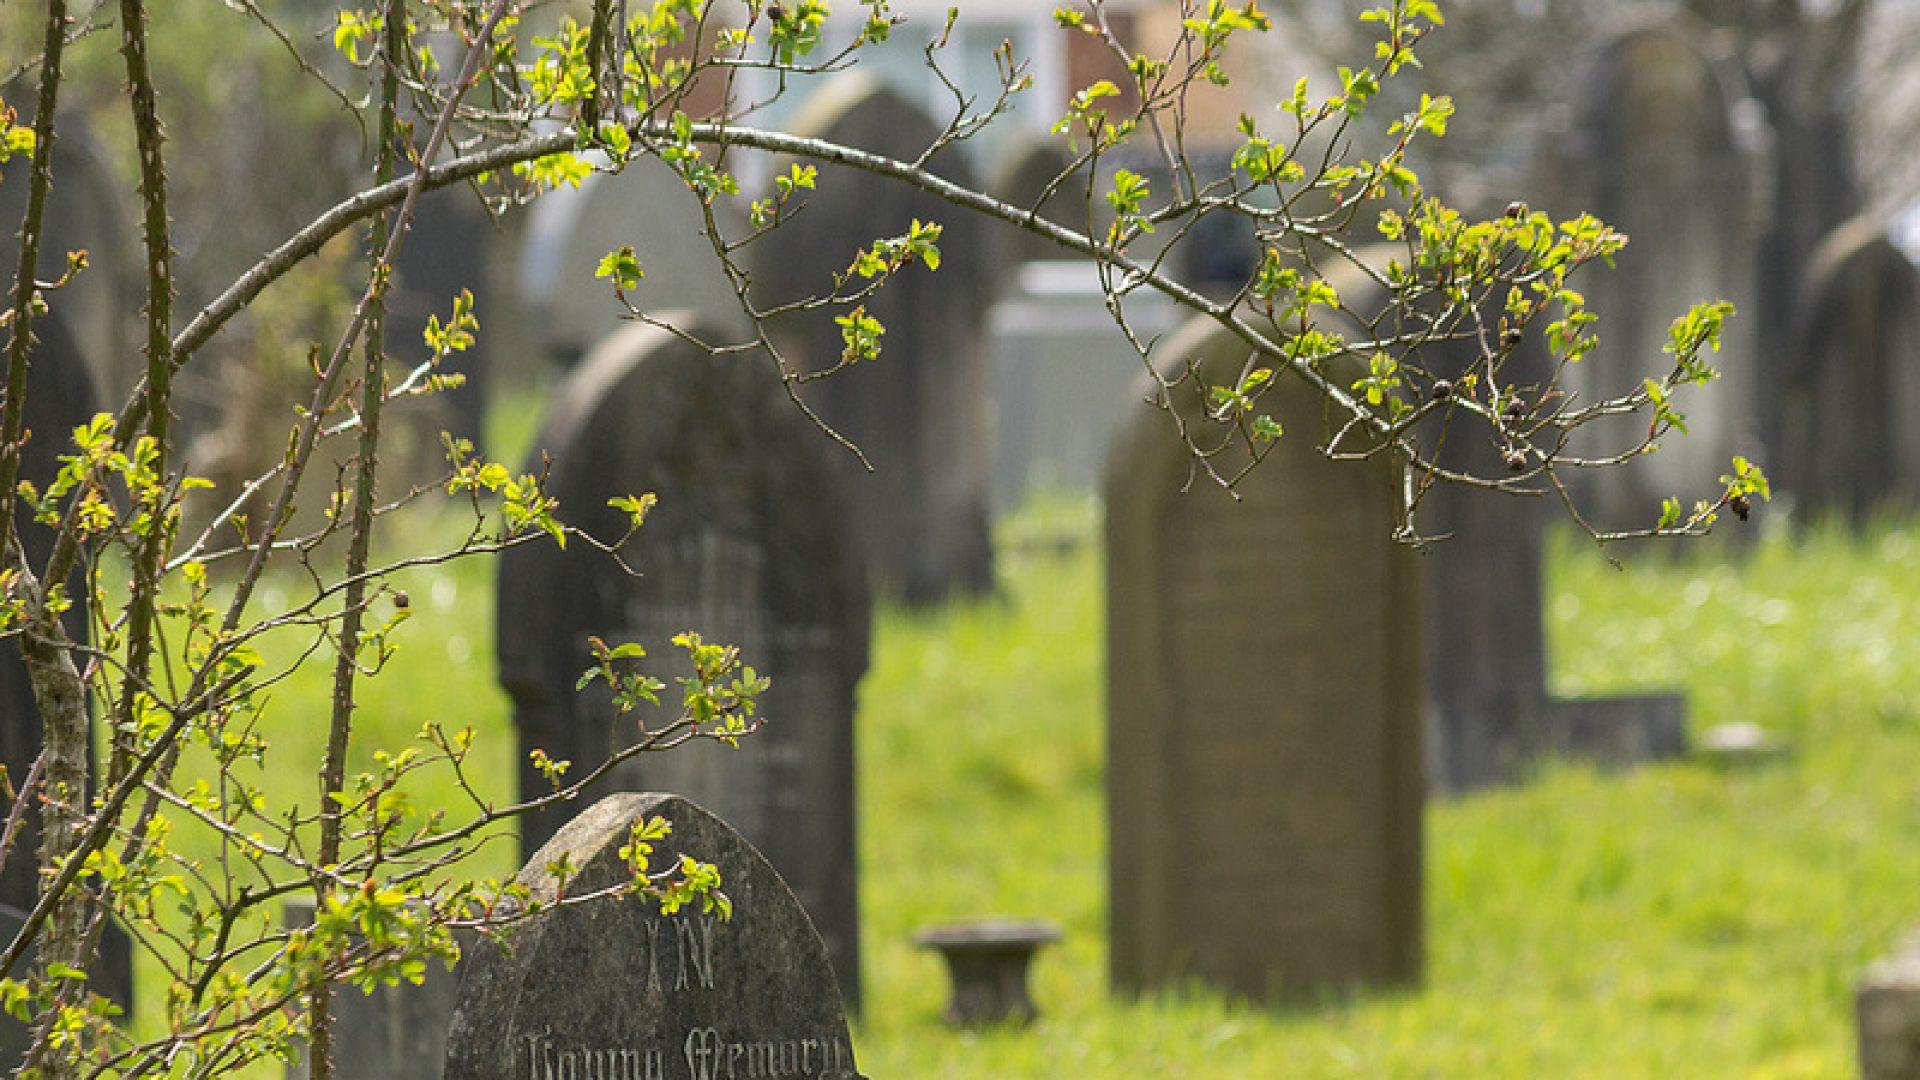 ArtLook Gallery – Polskie Cmentarze